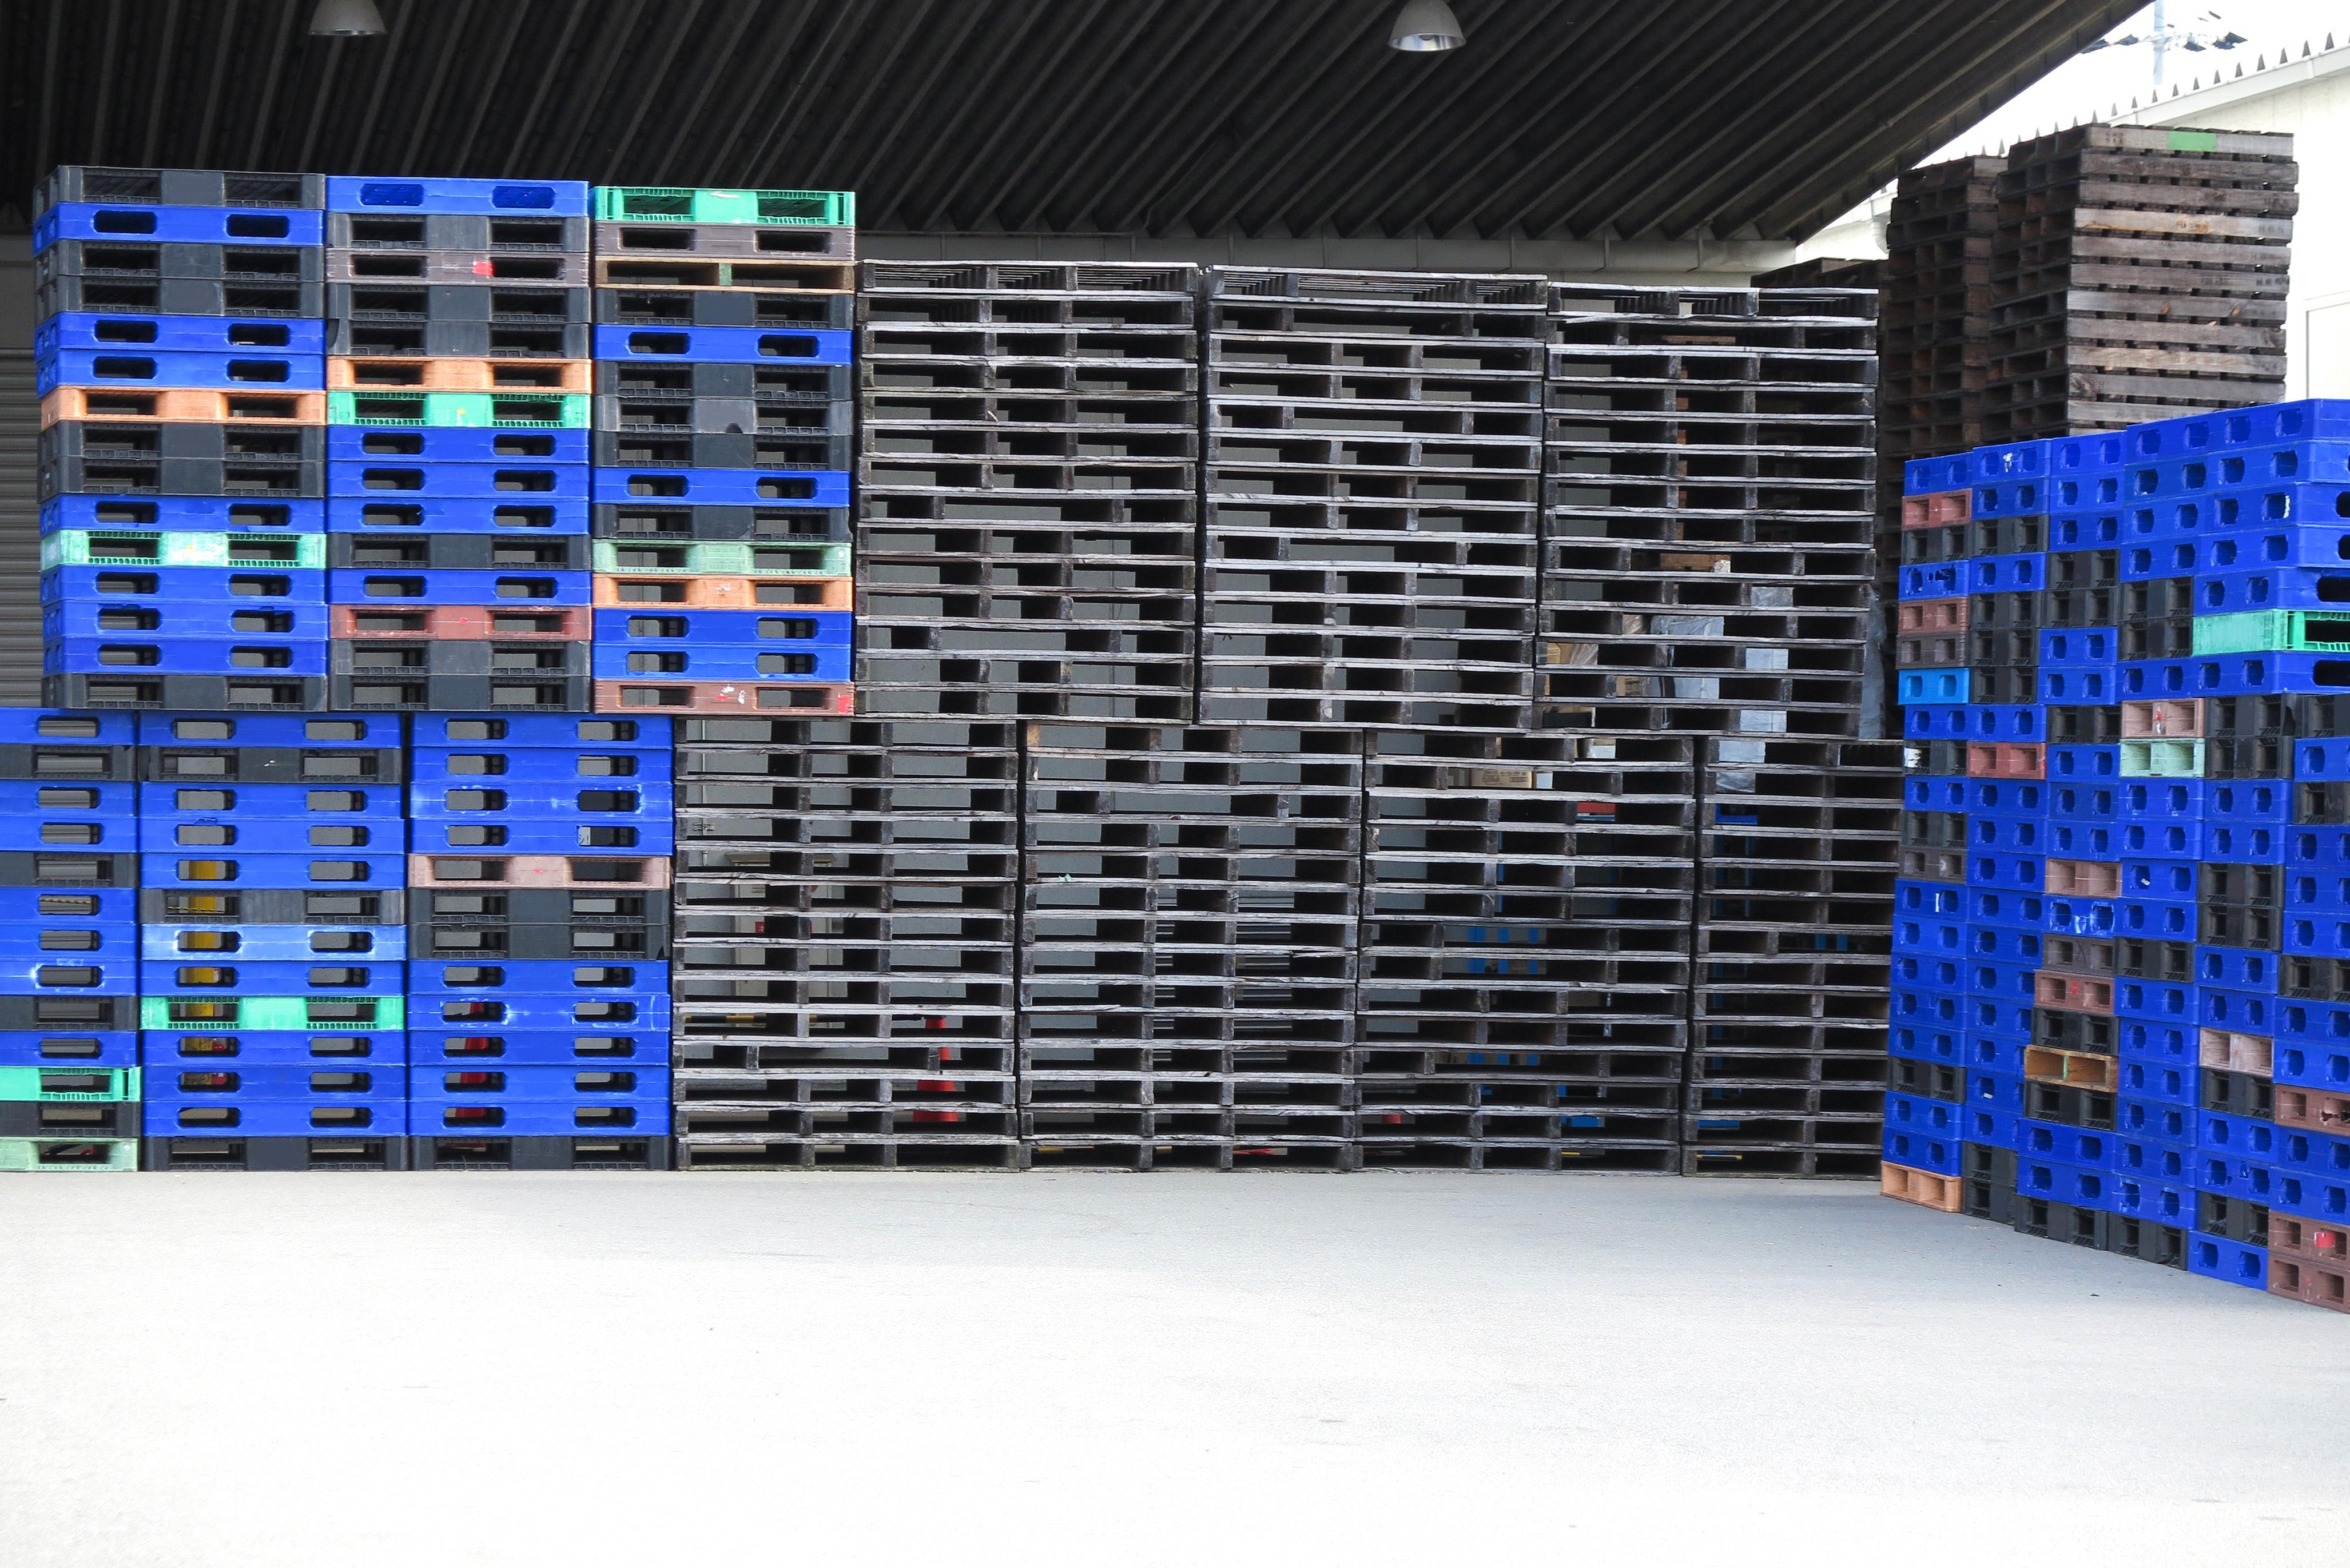 【家電・雑貨(3PLベンダー)】倉庫内保有パレットの実数自動把握